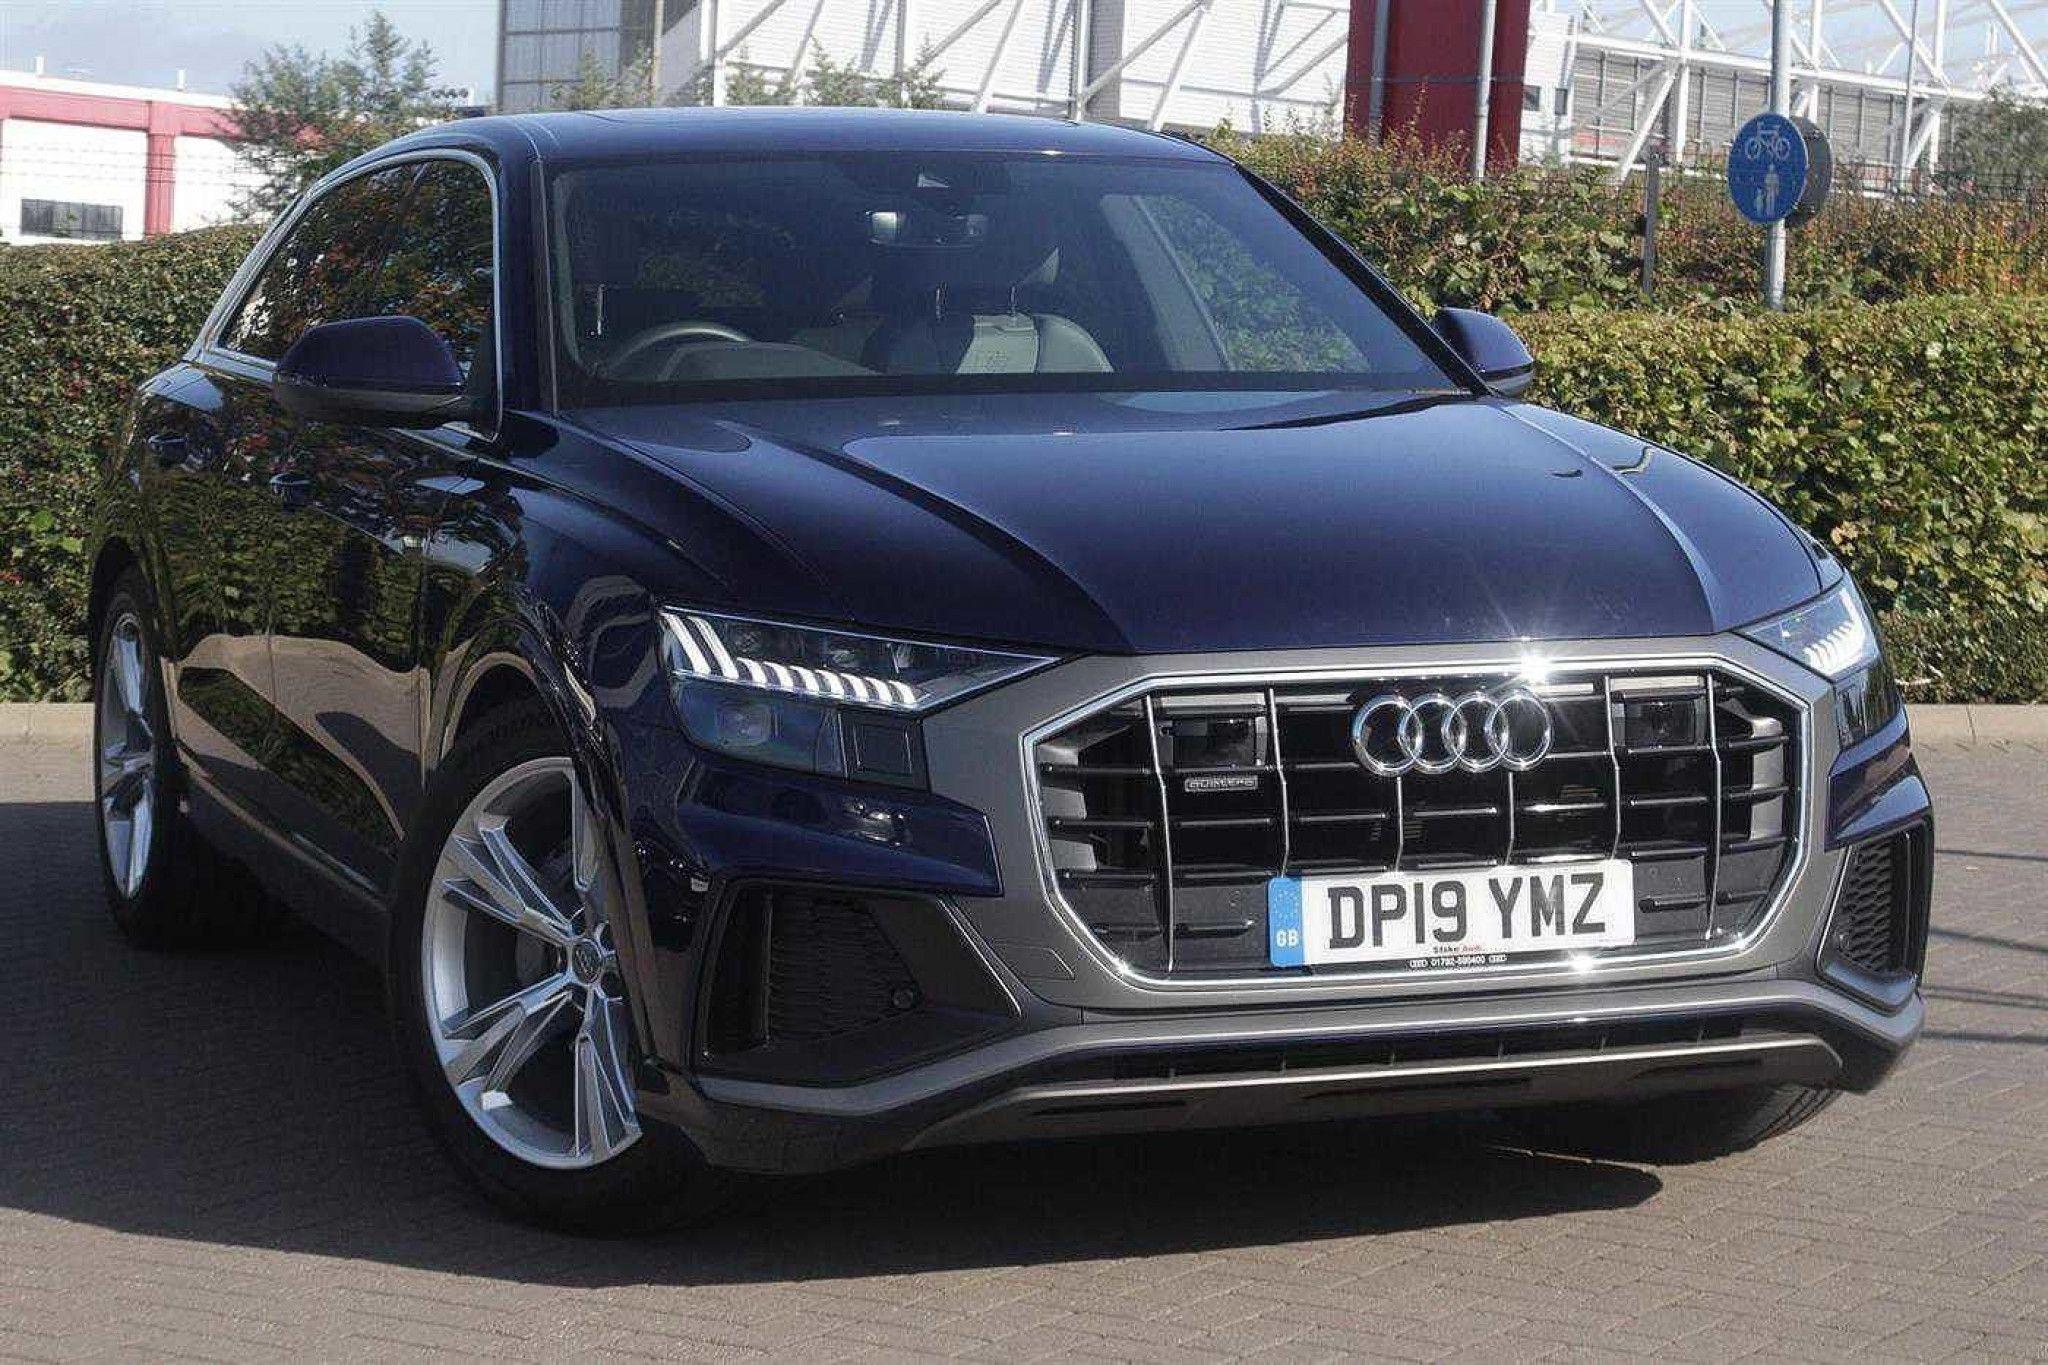 Audi Q8 50 Tdi Quattro S Line 5dr Tiptronic In 2020 With Images Used Audi Tdi Audi